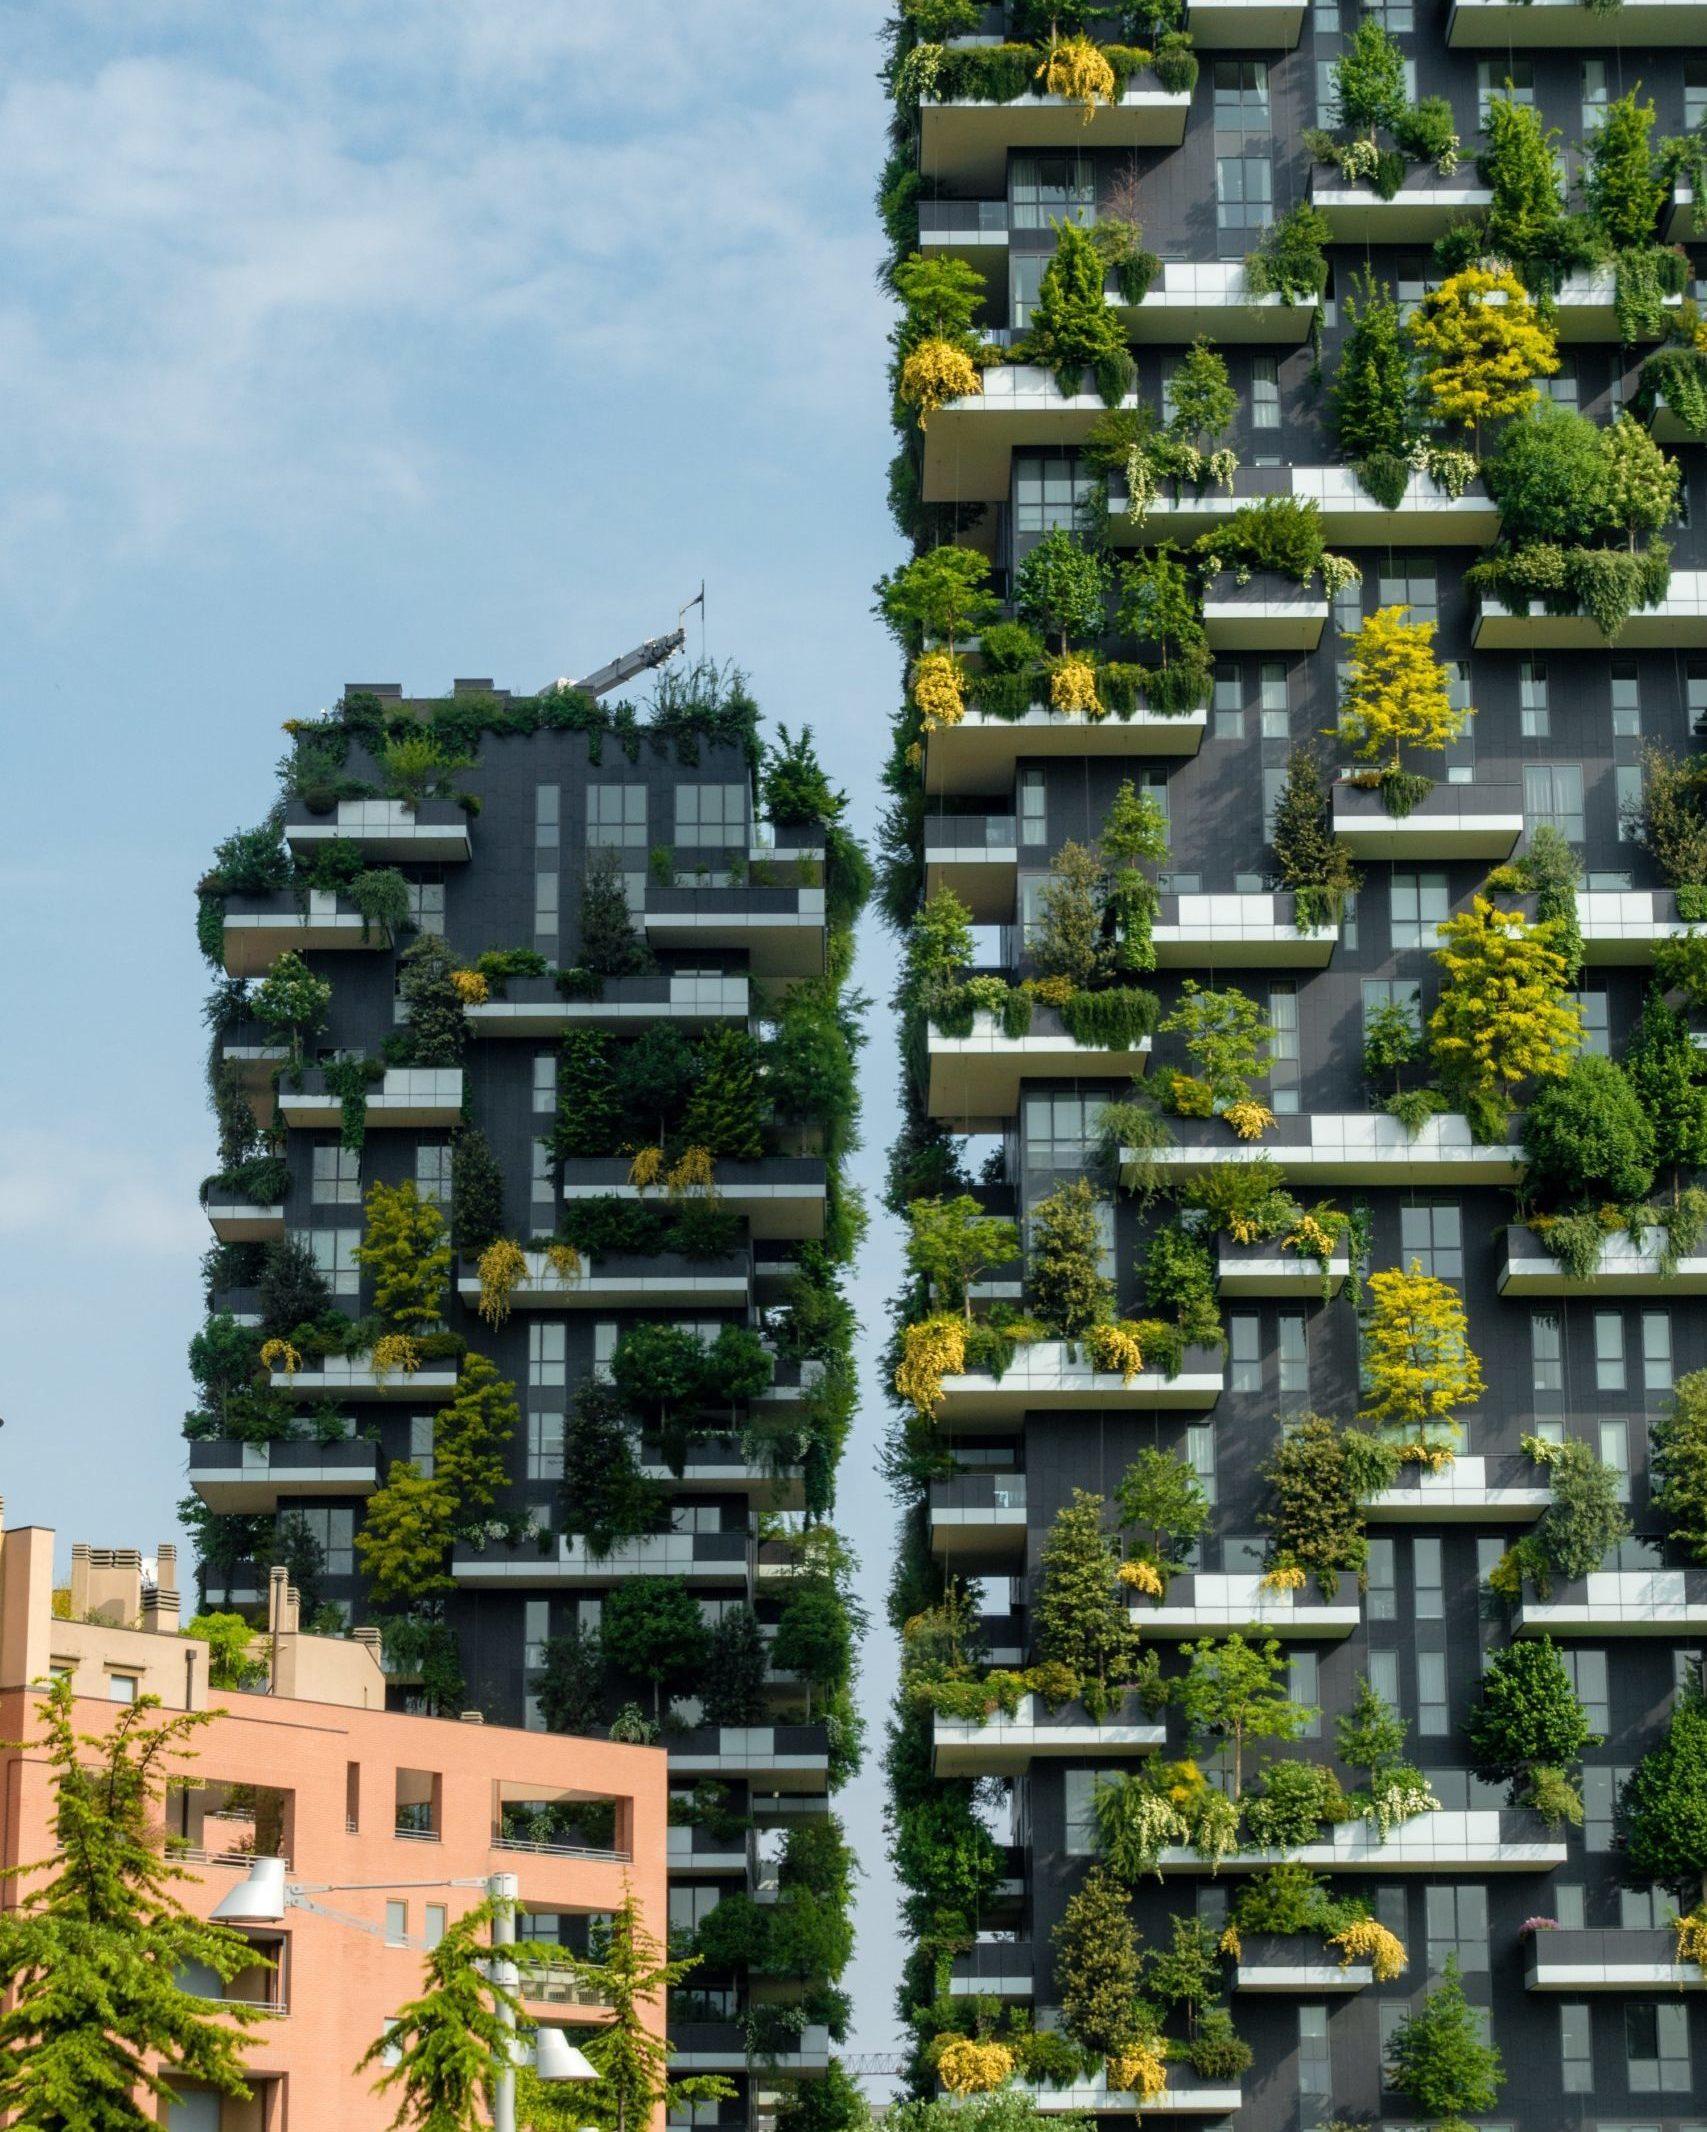 Bosco Verticale in Mailand, vollständig bepflanzte Häuser